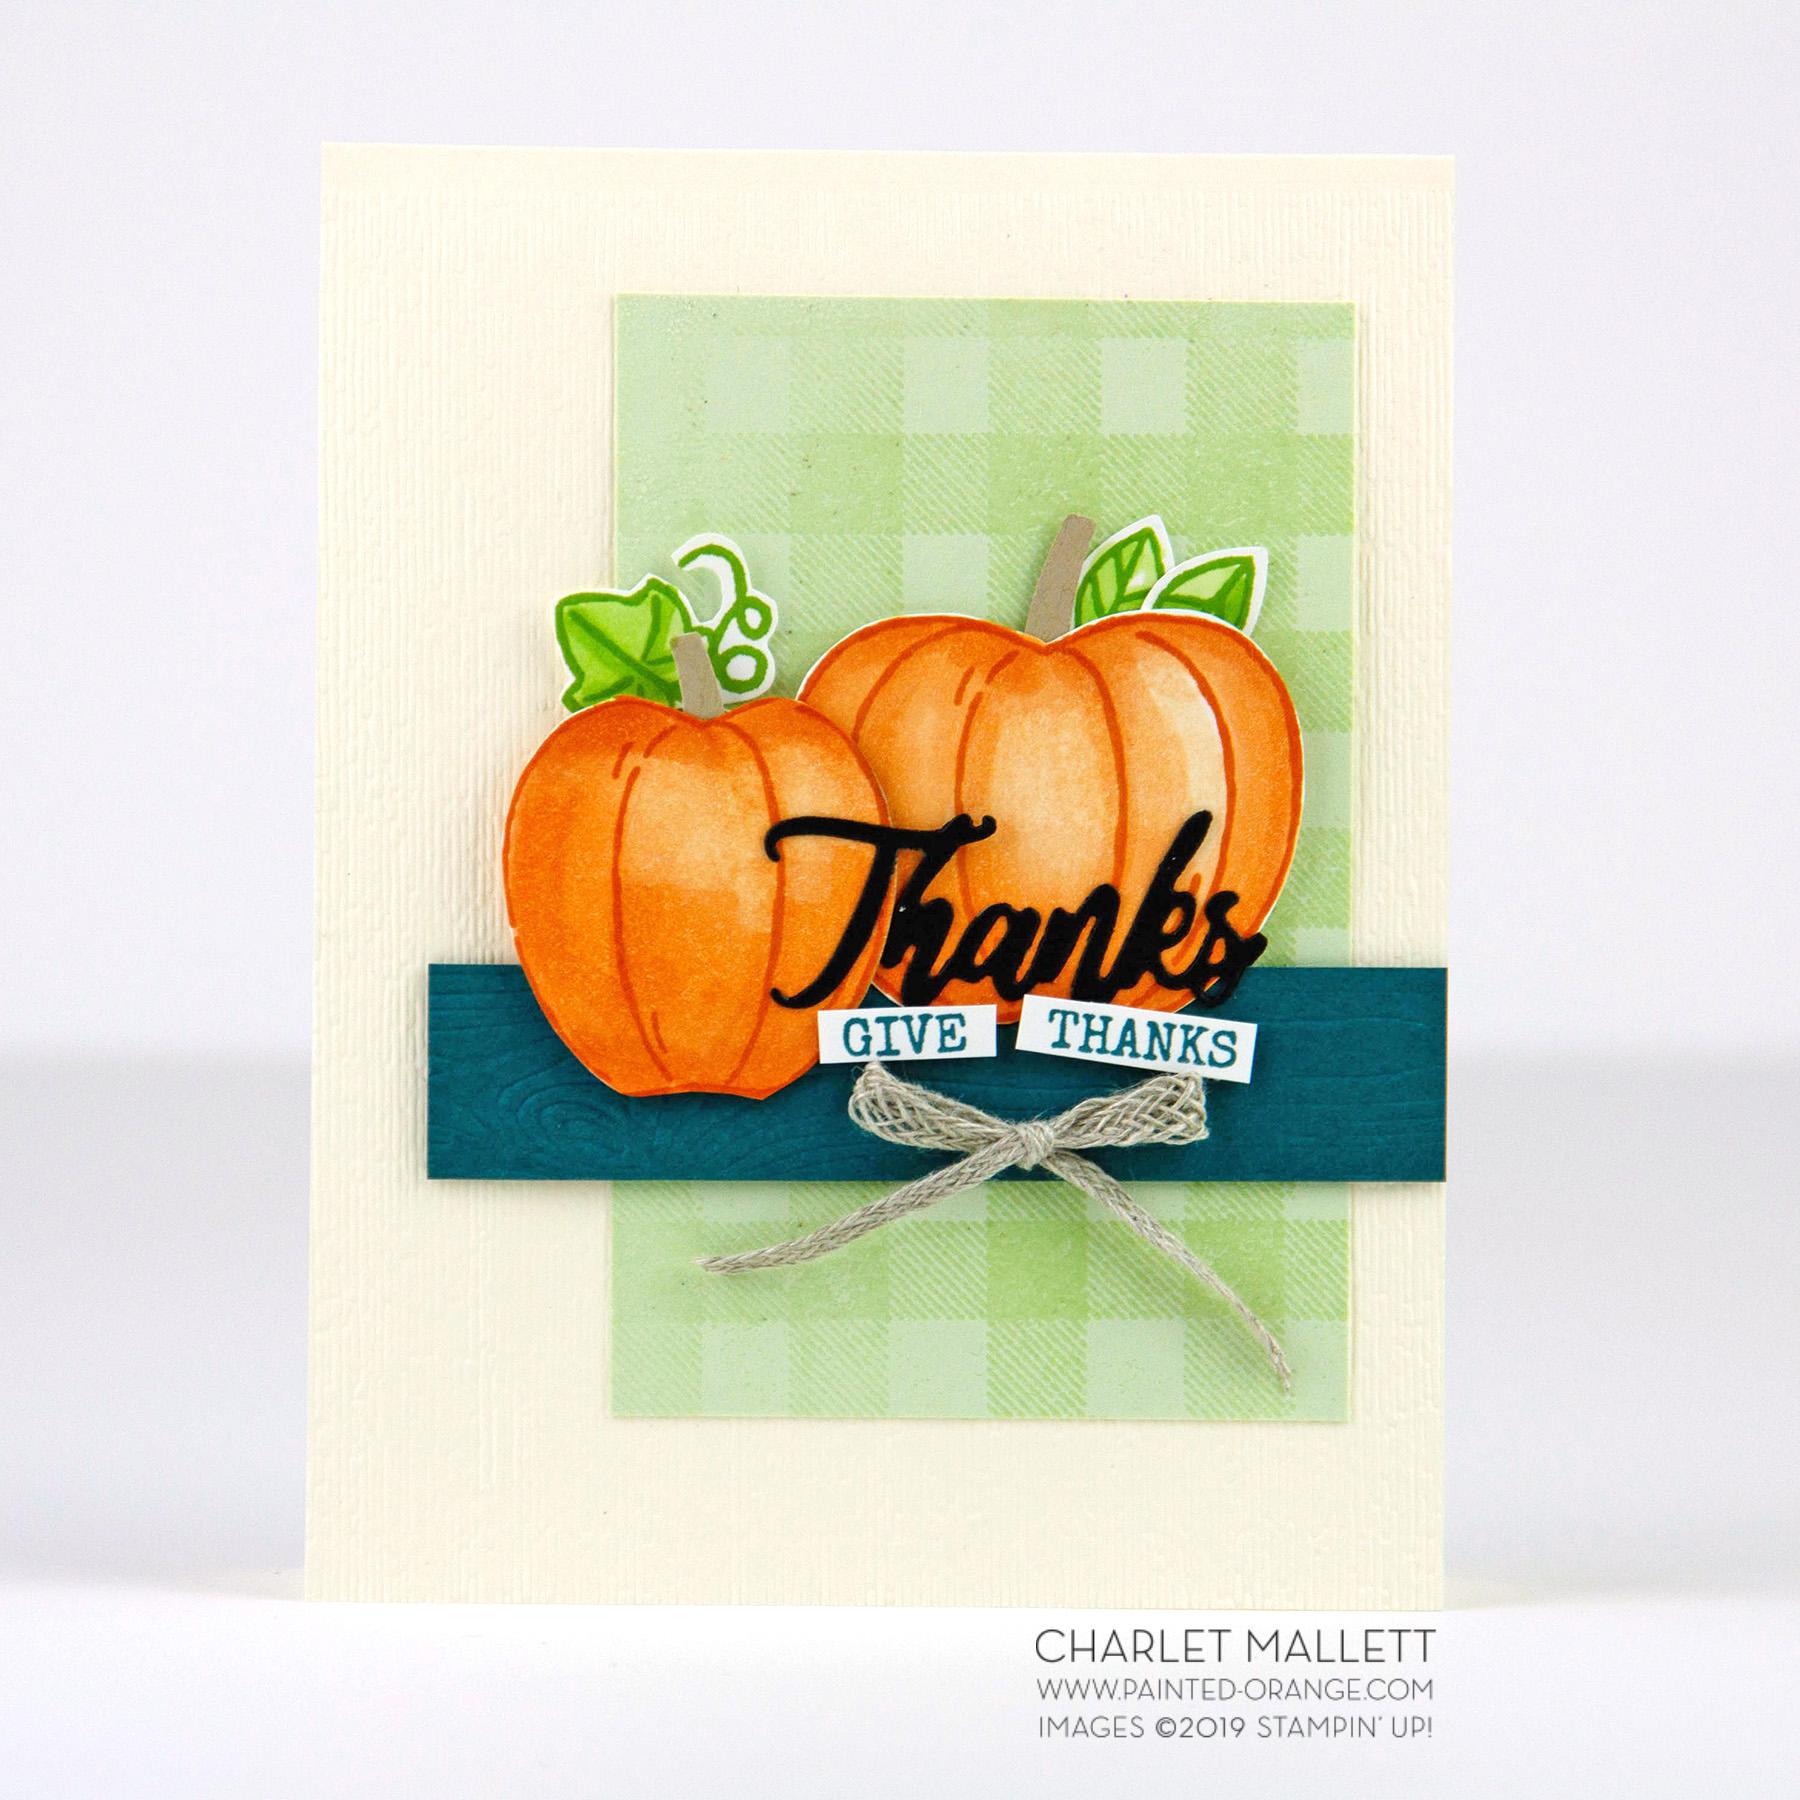 Harvest Hellos Thanks Card -  Charlet Mallett, Stampin' Up!